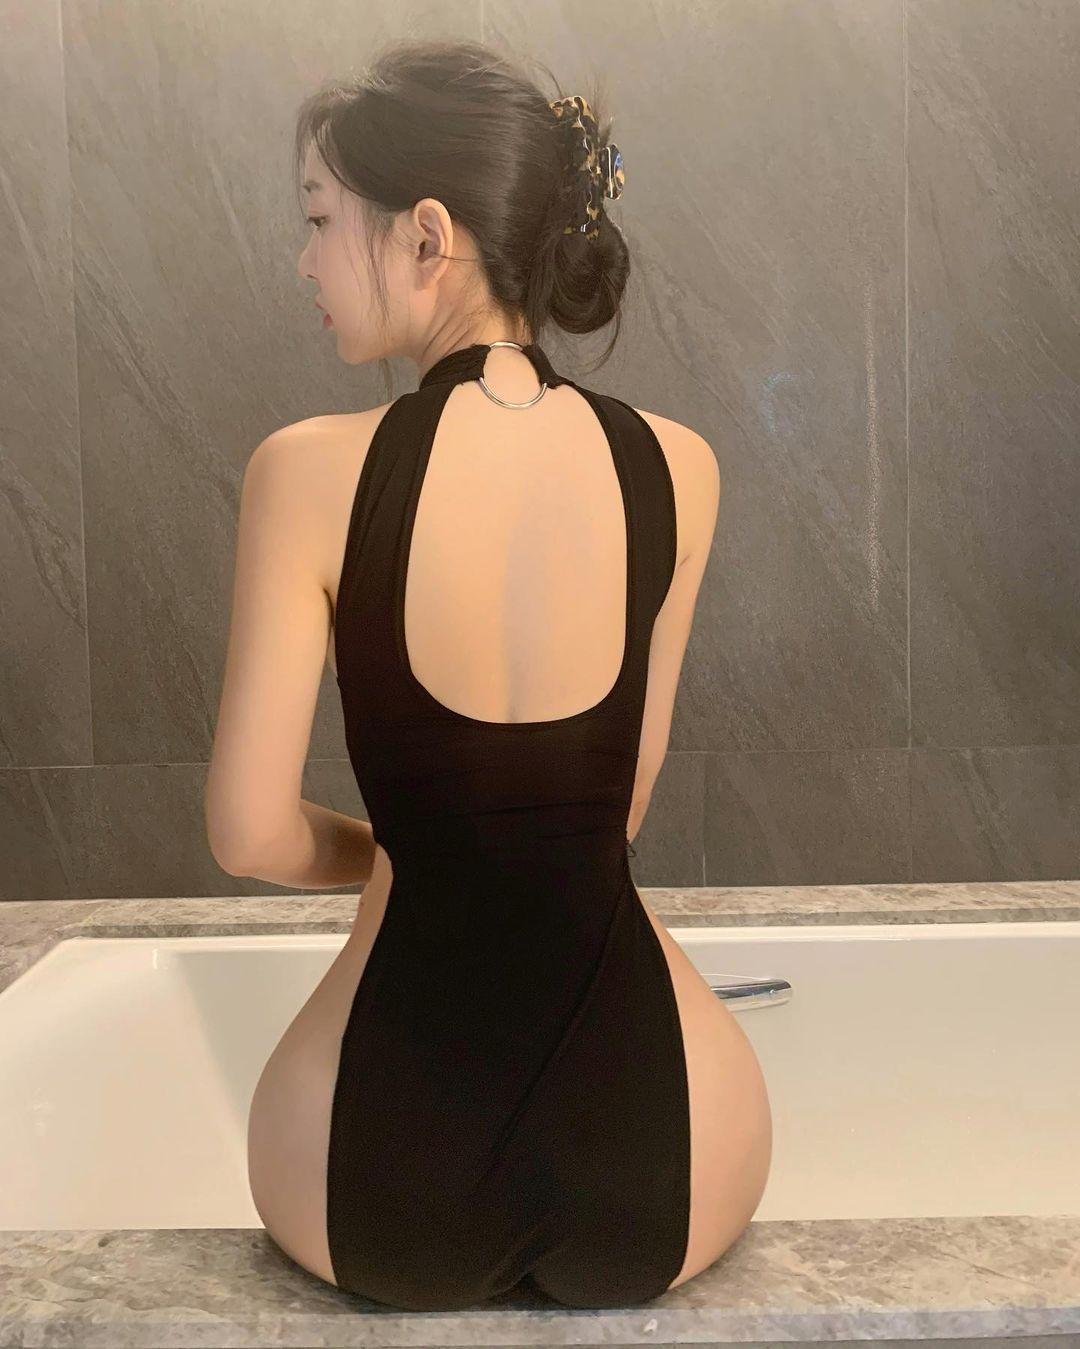 韩国美女博主zennyrt申才恩成为ins新晋网红,丰满身材让人着迷! 第2张